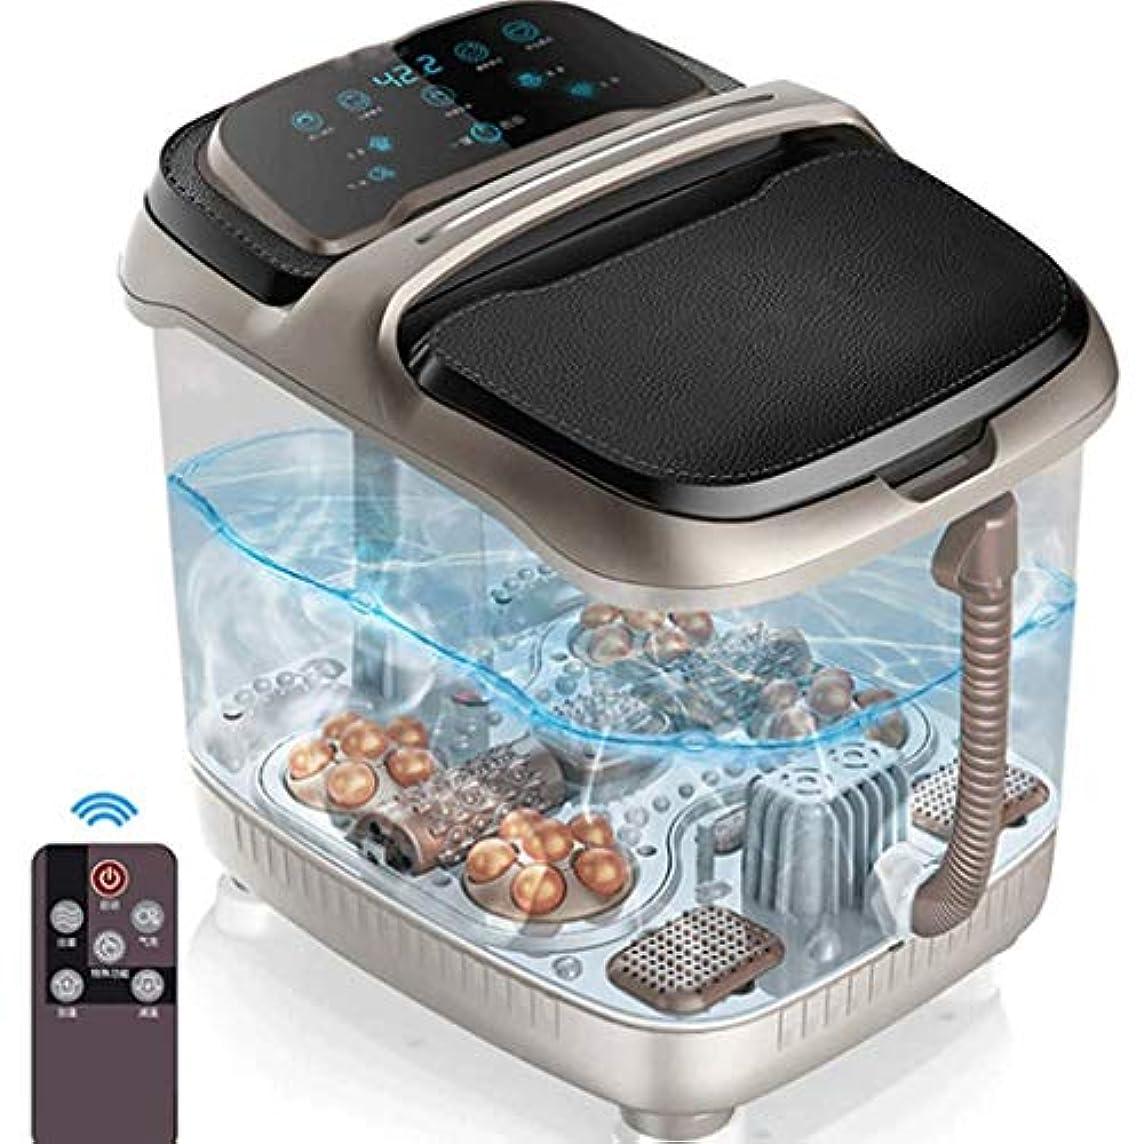 ごみ寝具耳LEIGE Foot Spa Massager - スーパーファストヒーティングシステム、4つの電動マッサージローラー、ささやく静かな、リモートコントロール付き浴槽